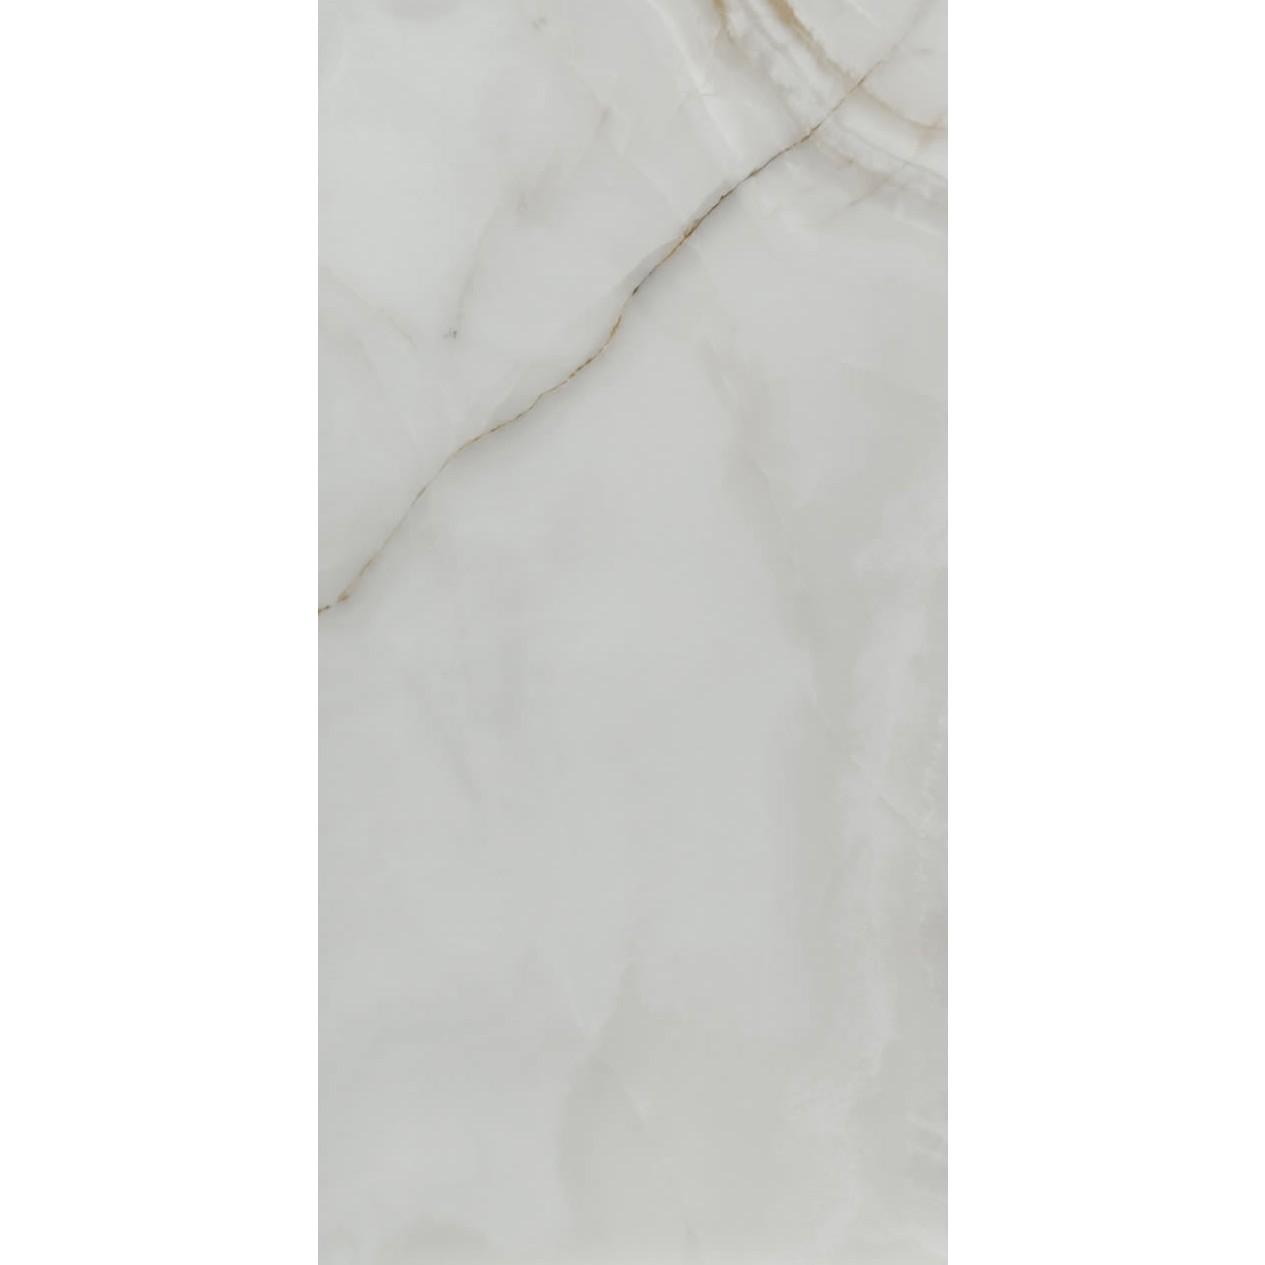 Porcelanato tipo C 59x1182 Esmaltado Polido Onix 139 m - Eliane